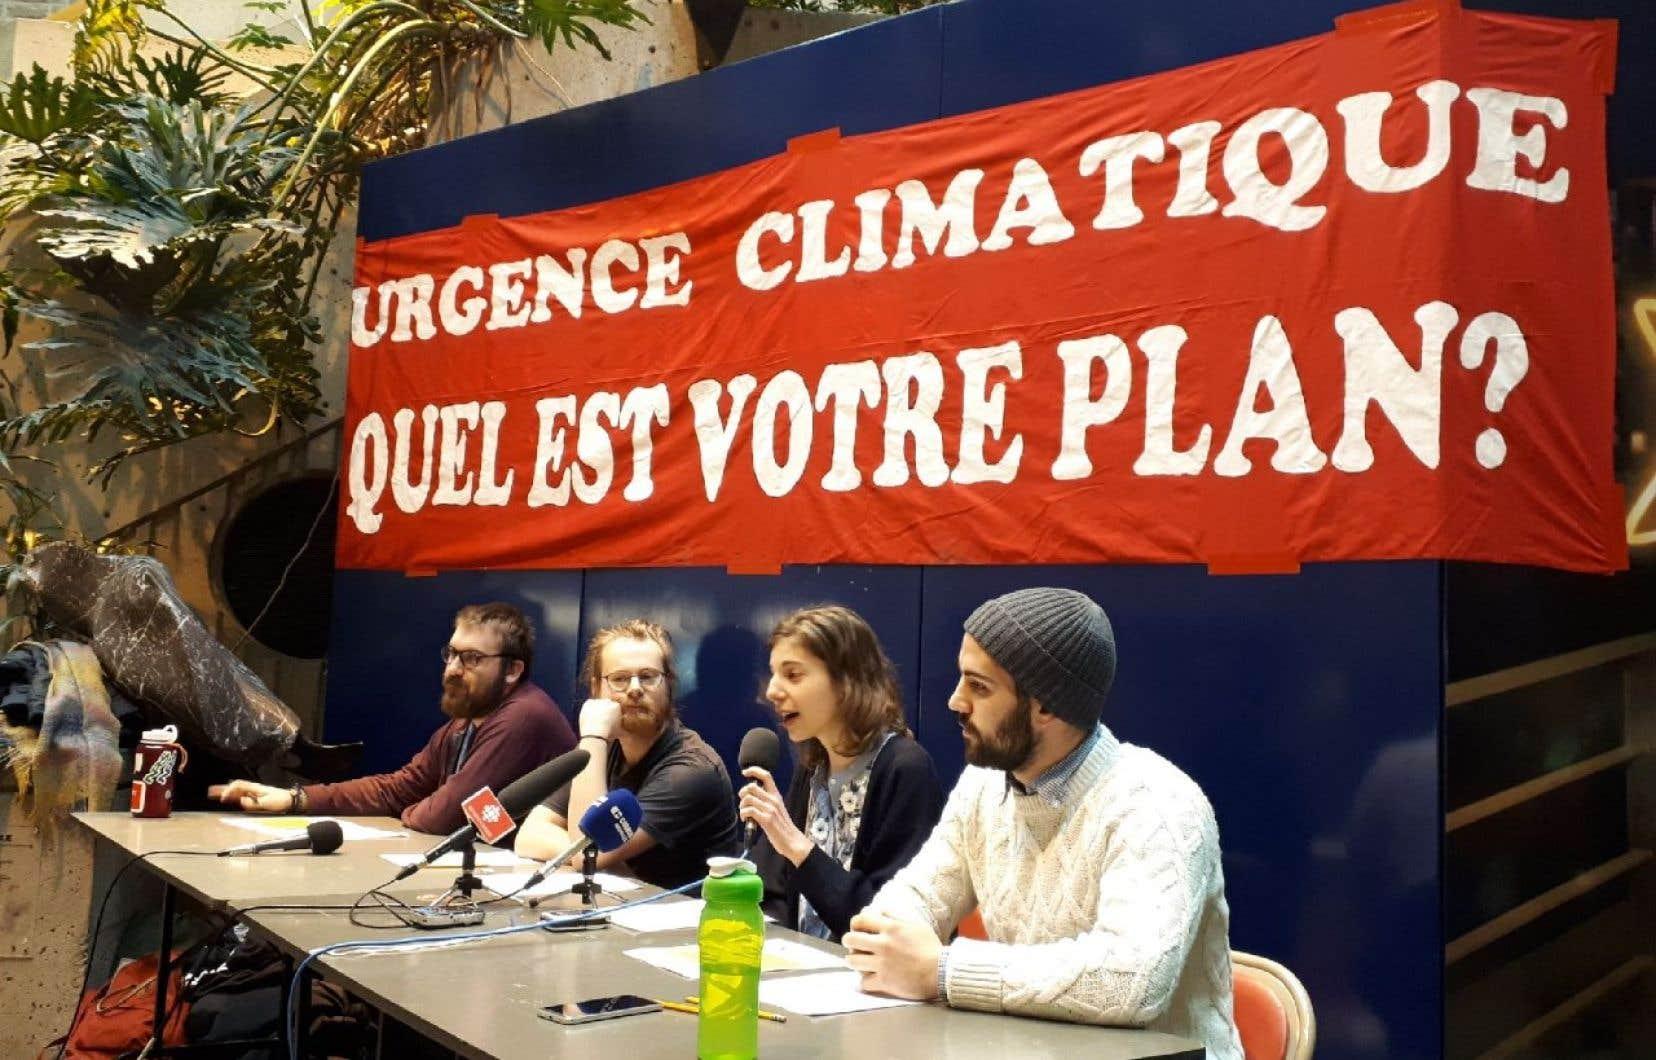 Les étudiantsveulent presser le gouvernement à mettre en œuvre un plan de lutte contre les changements climatiques nettement plus ambitieux.